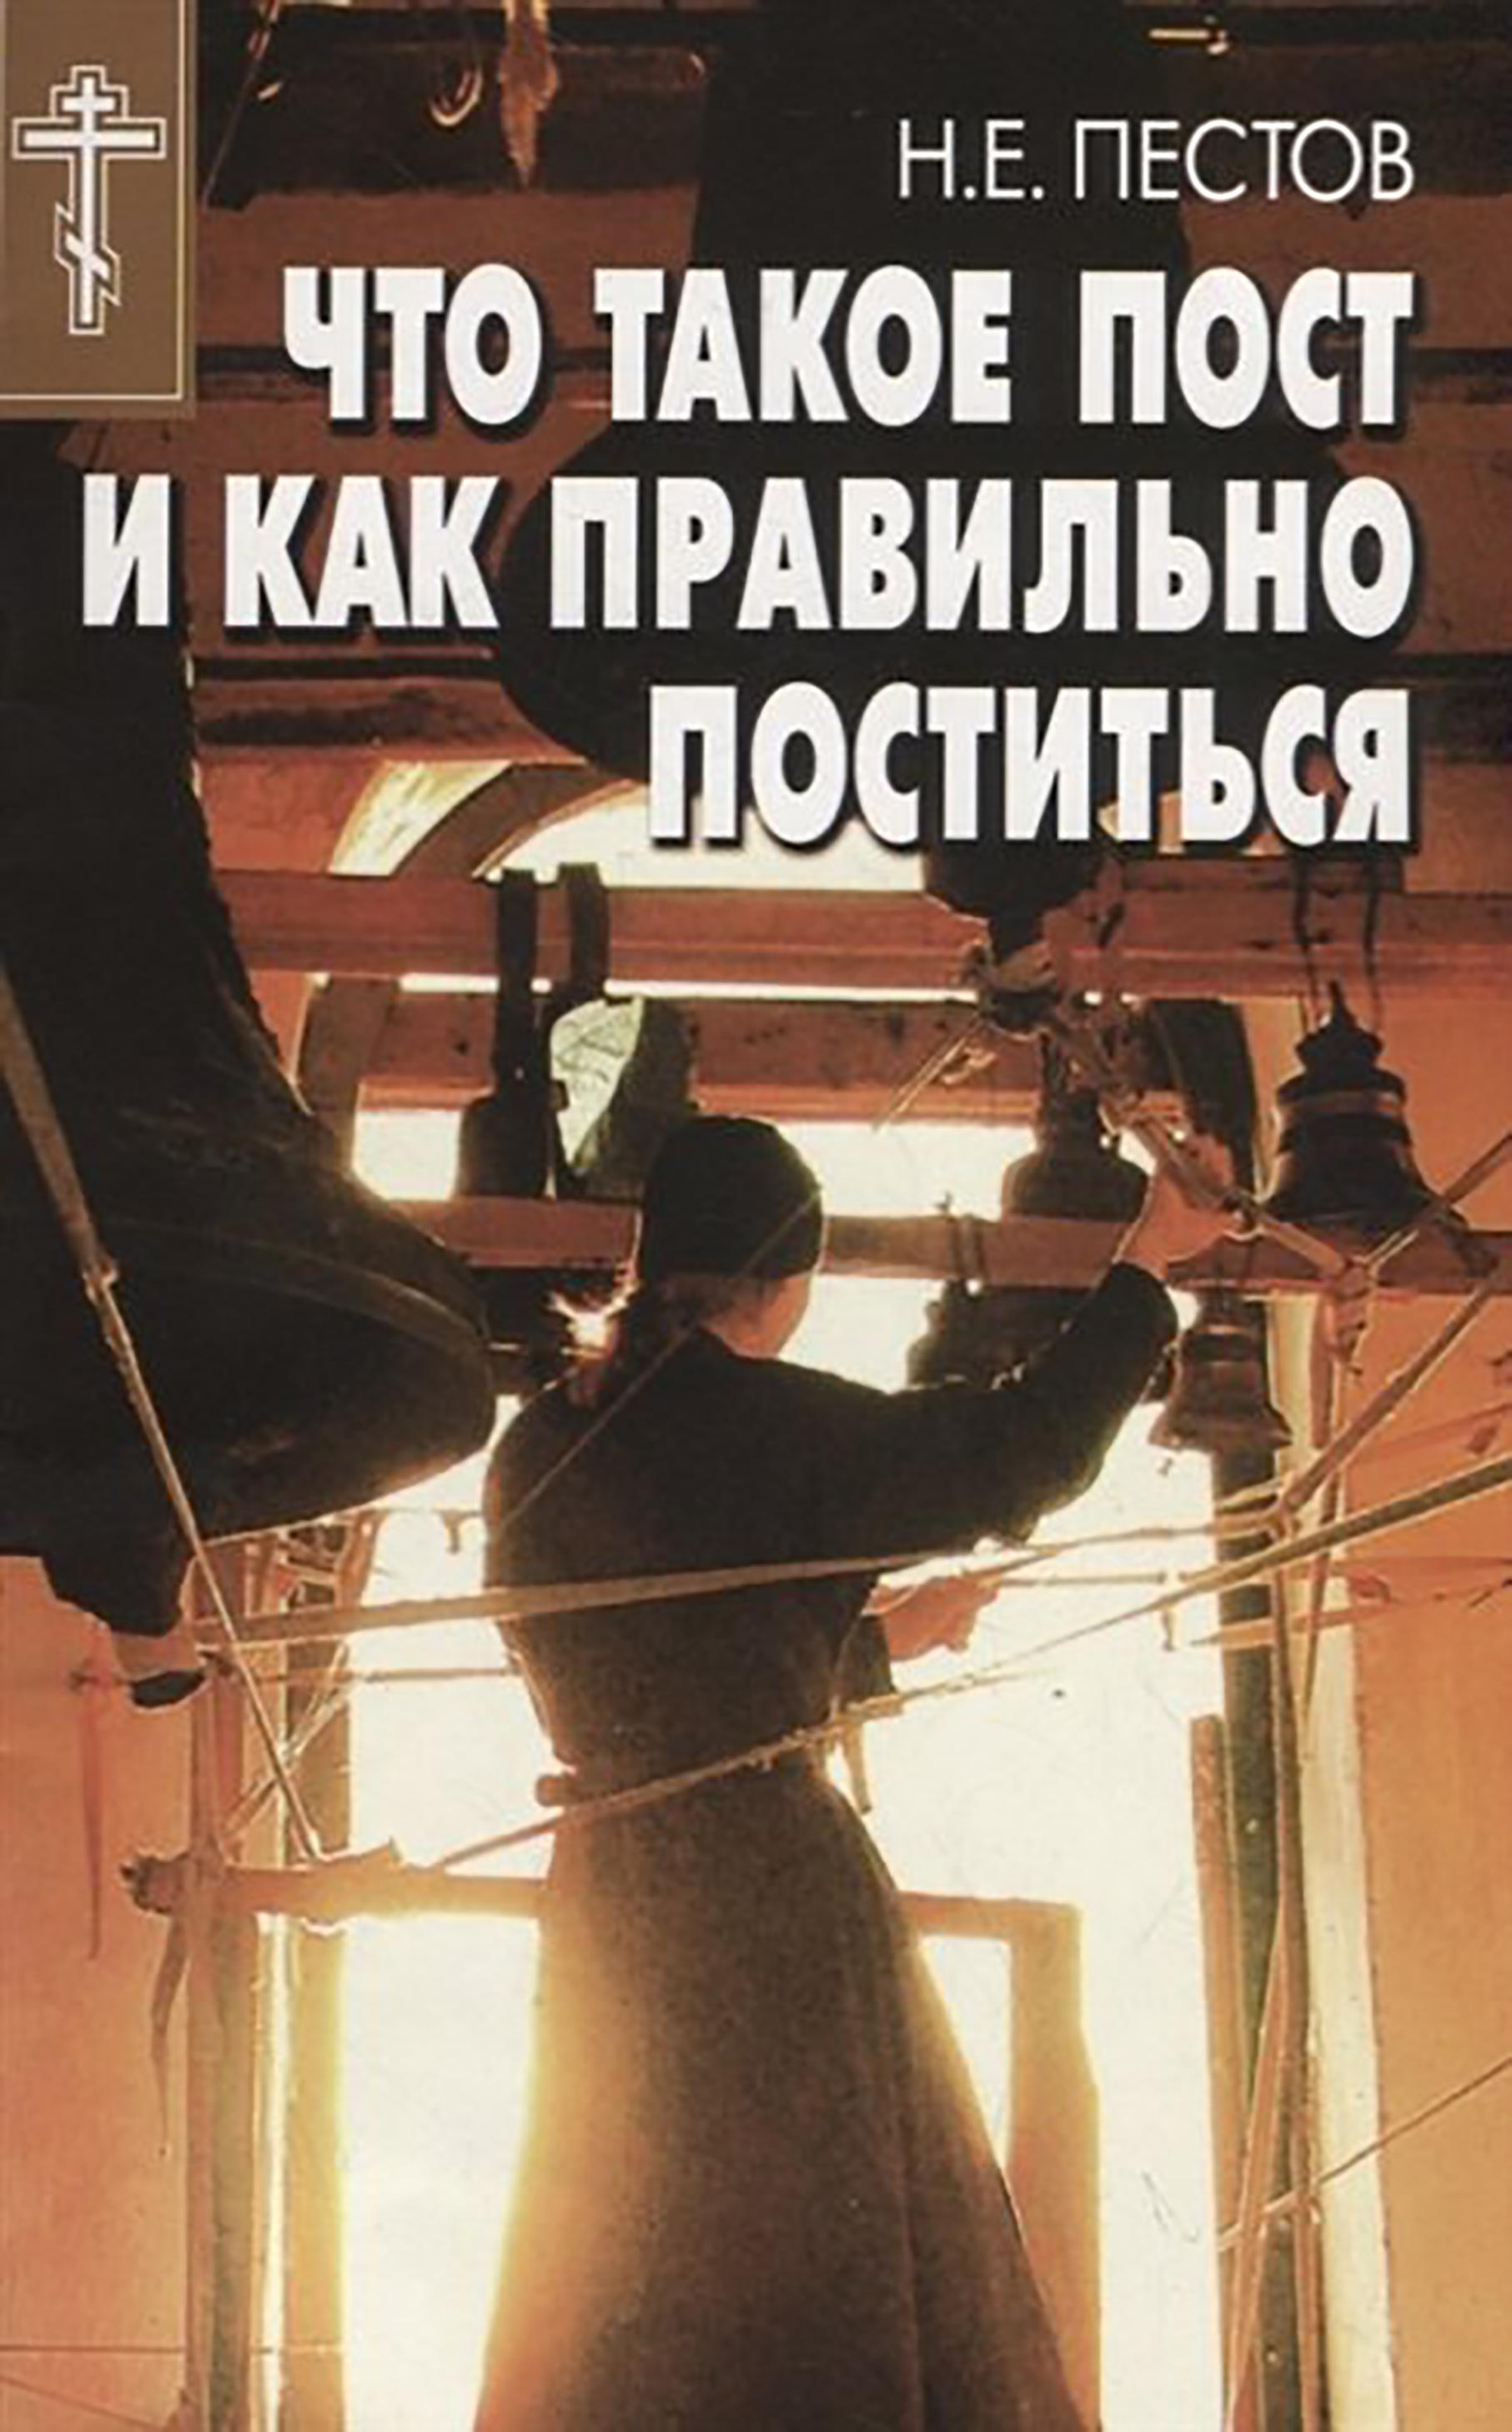 Николай Пестов Что такое пост и как правильно поститься николай пестов как победить сети диавольские о сопротивлении темным силам